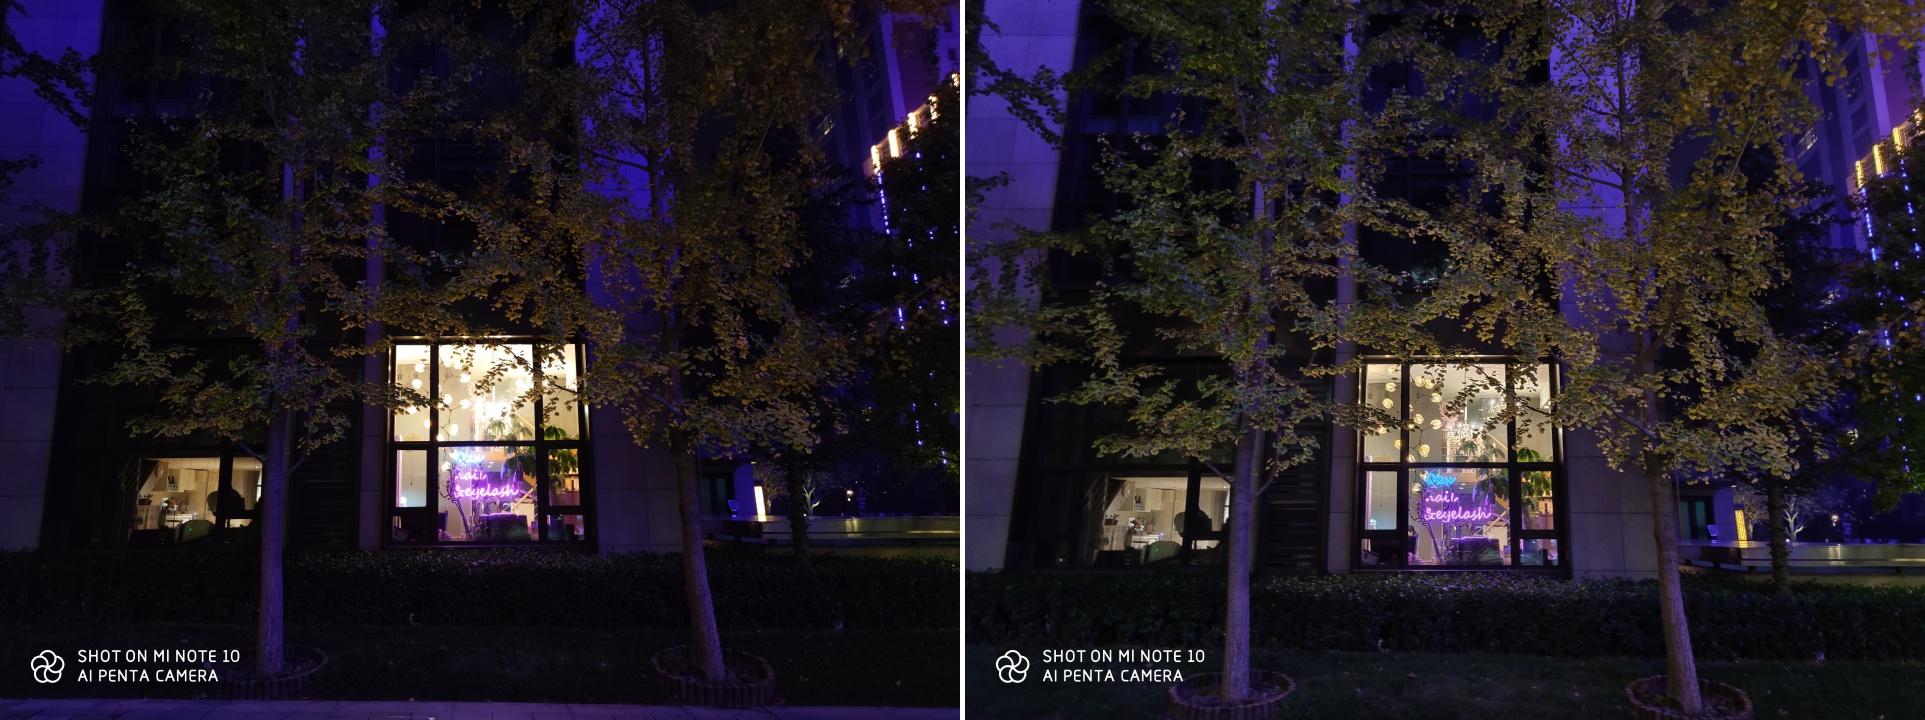 左為一般拍照模式 1x 焦段,右為夜景模式拍攝:右圖的場景明亮度與高亮細節處理更優秀。